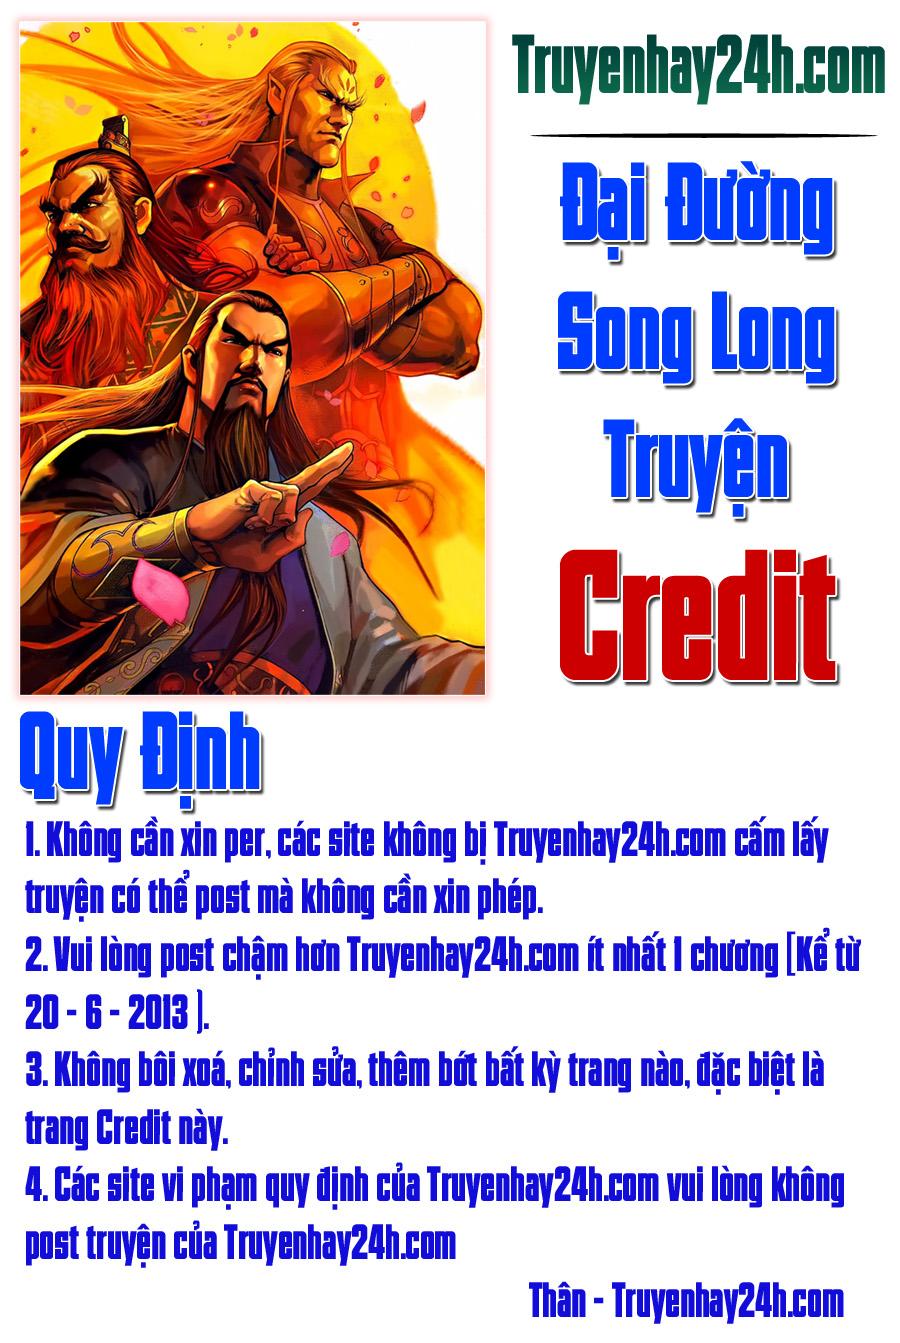 Đại Đường Song Long Truyện chap 216 - Trang 1